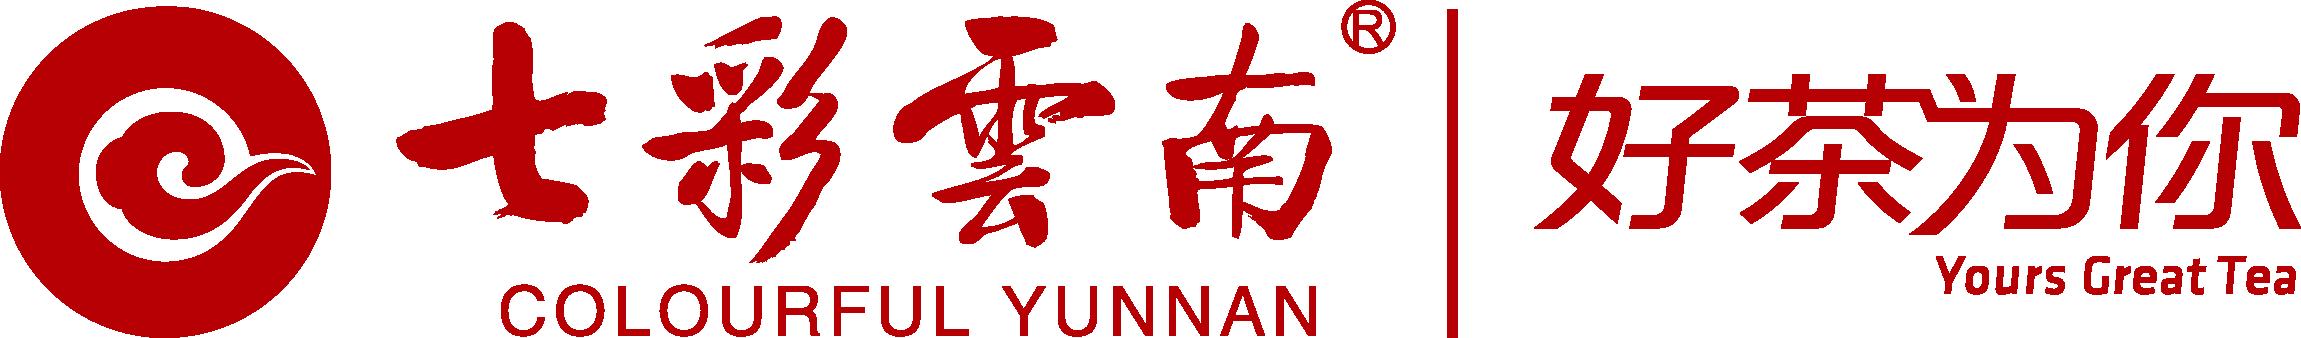 七彩云南LOGO矢量图.png